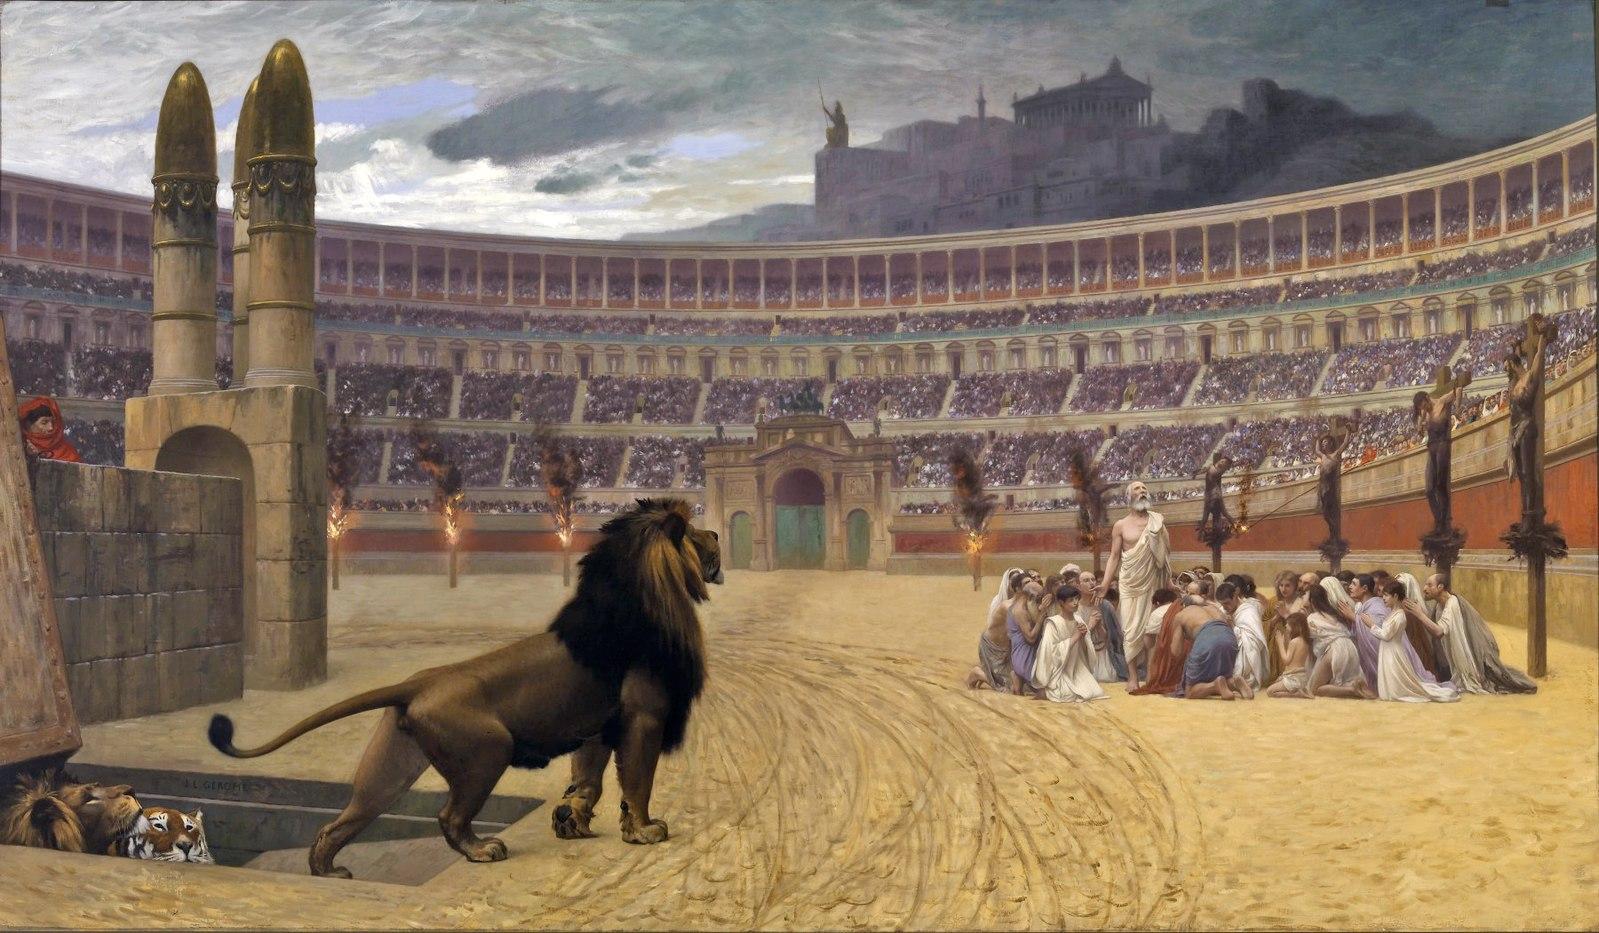 コロッセオ キリスト教 猛獣